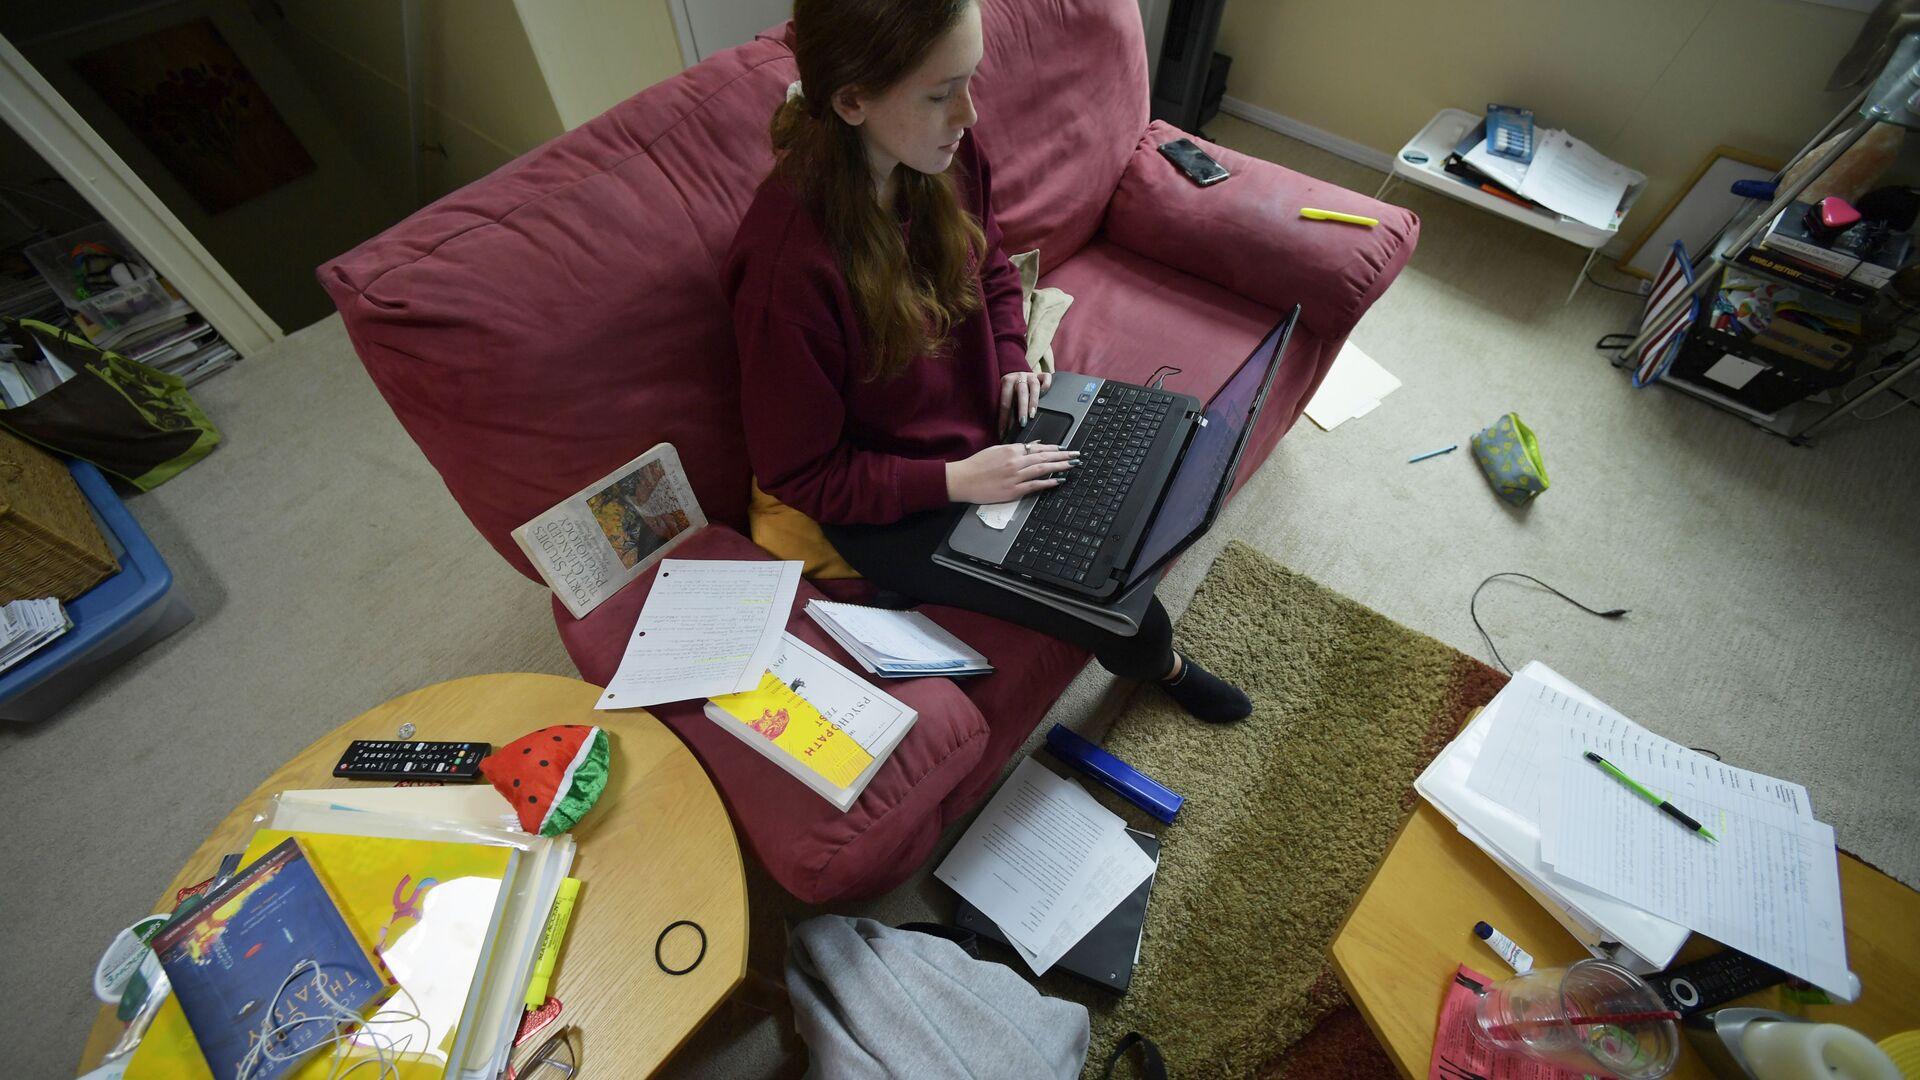 La 16enne Kirsten Martin studia da casa per la diffusione dell'infezione di coronavirus - Sputnik Italia, 1920, 22.09.2021